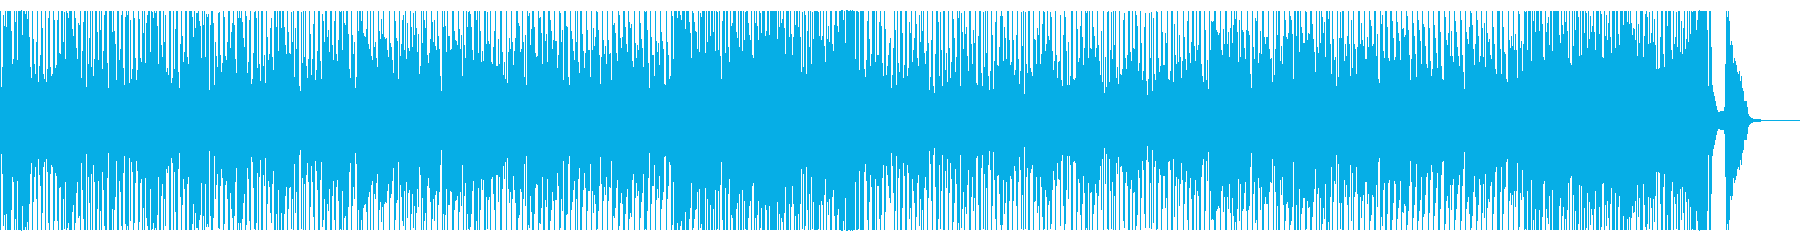 ブラスセクションとドラム中心の元気な曲の再生済みの波形